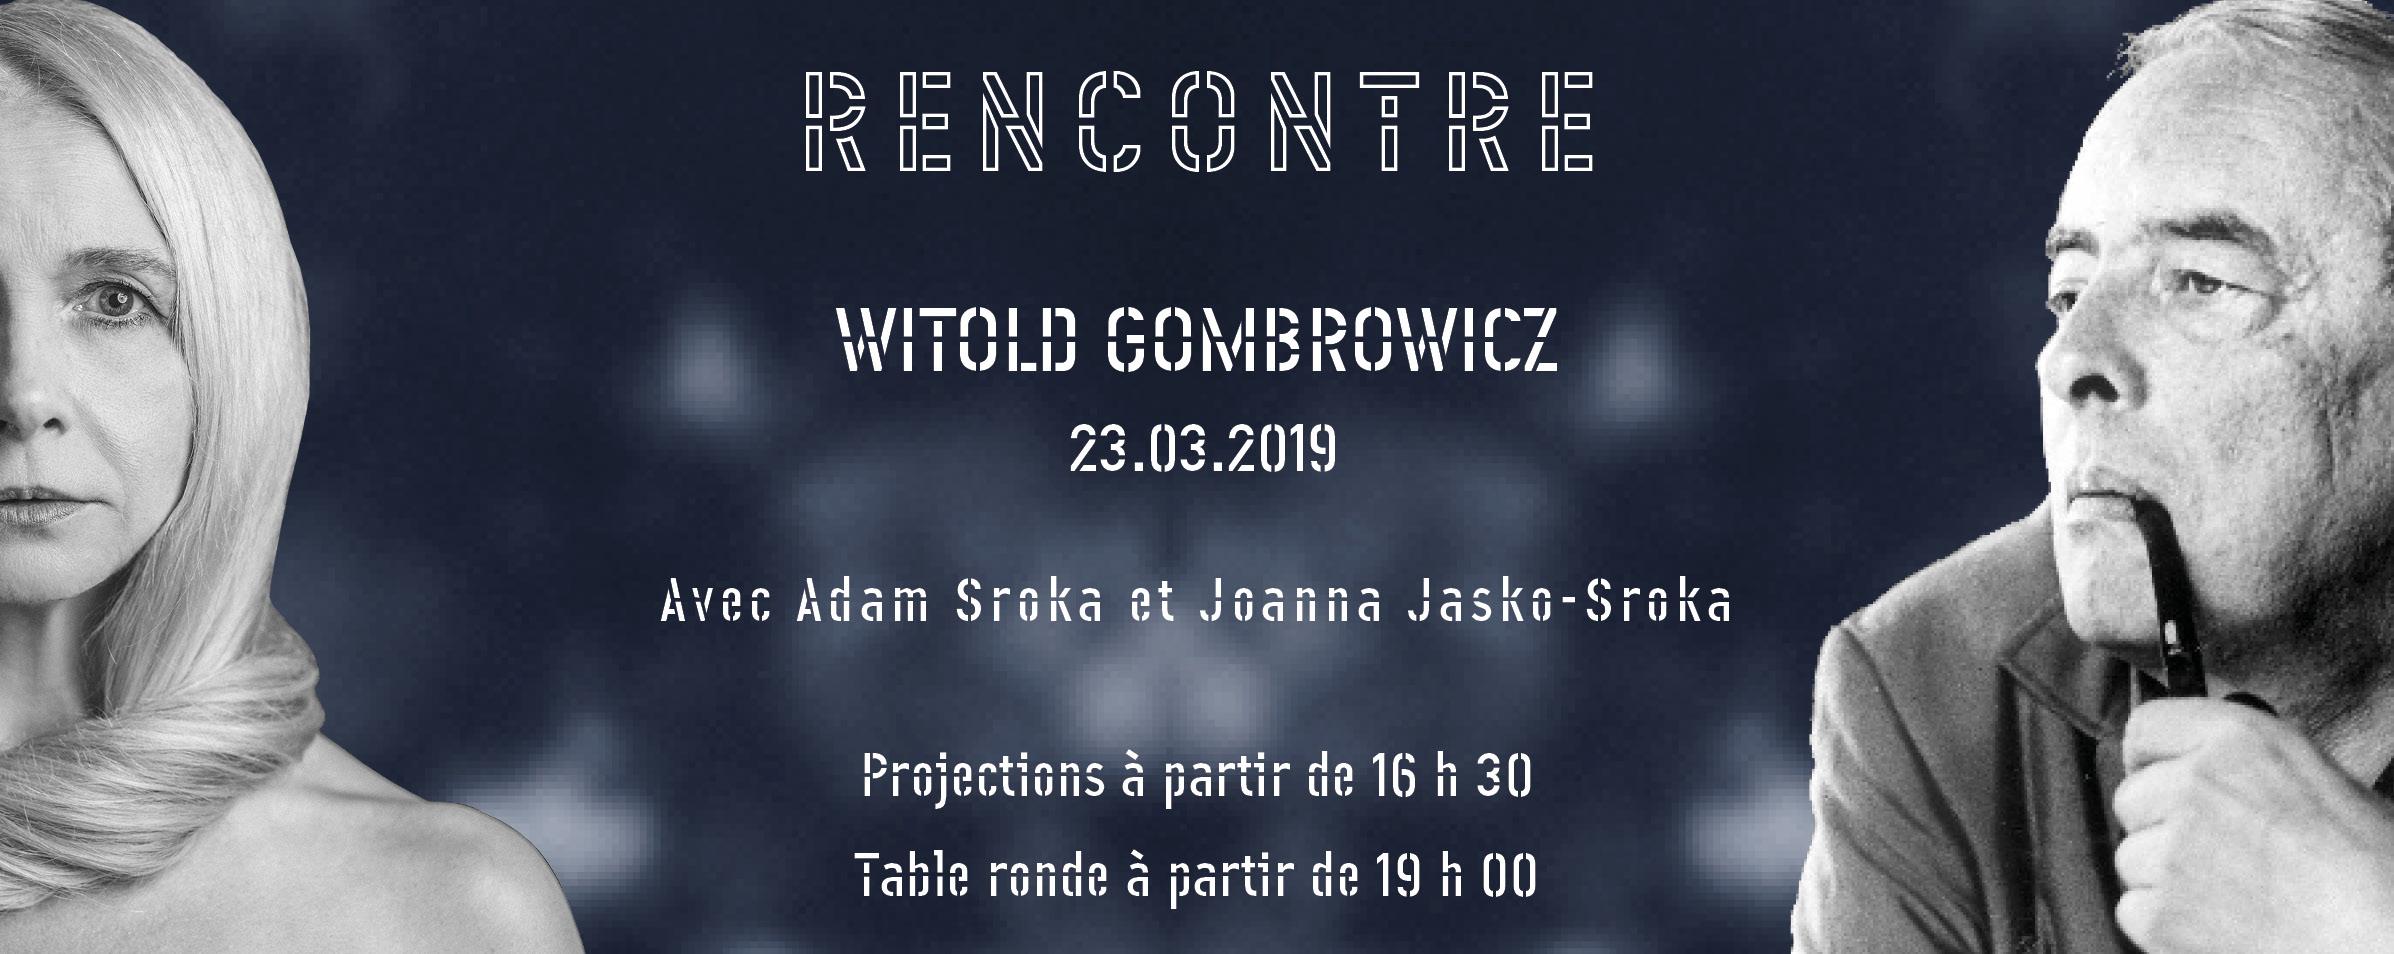 Journée de rencontres autour de Witold Gombrowicz